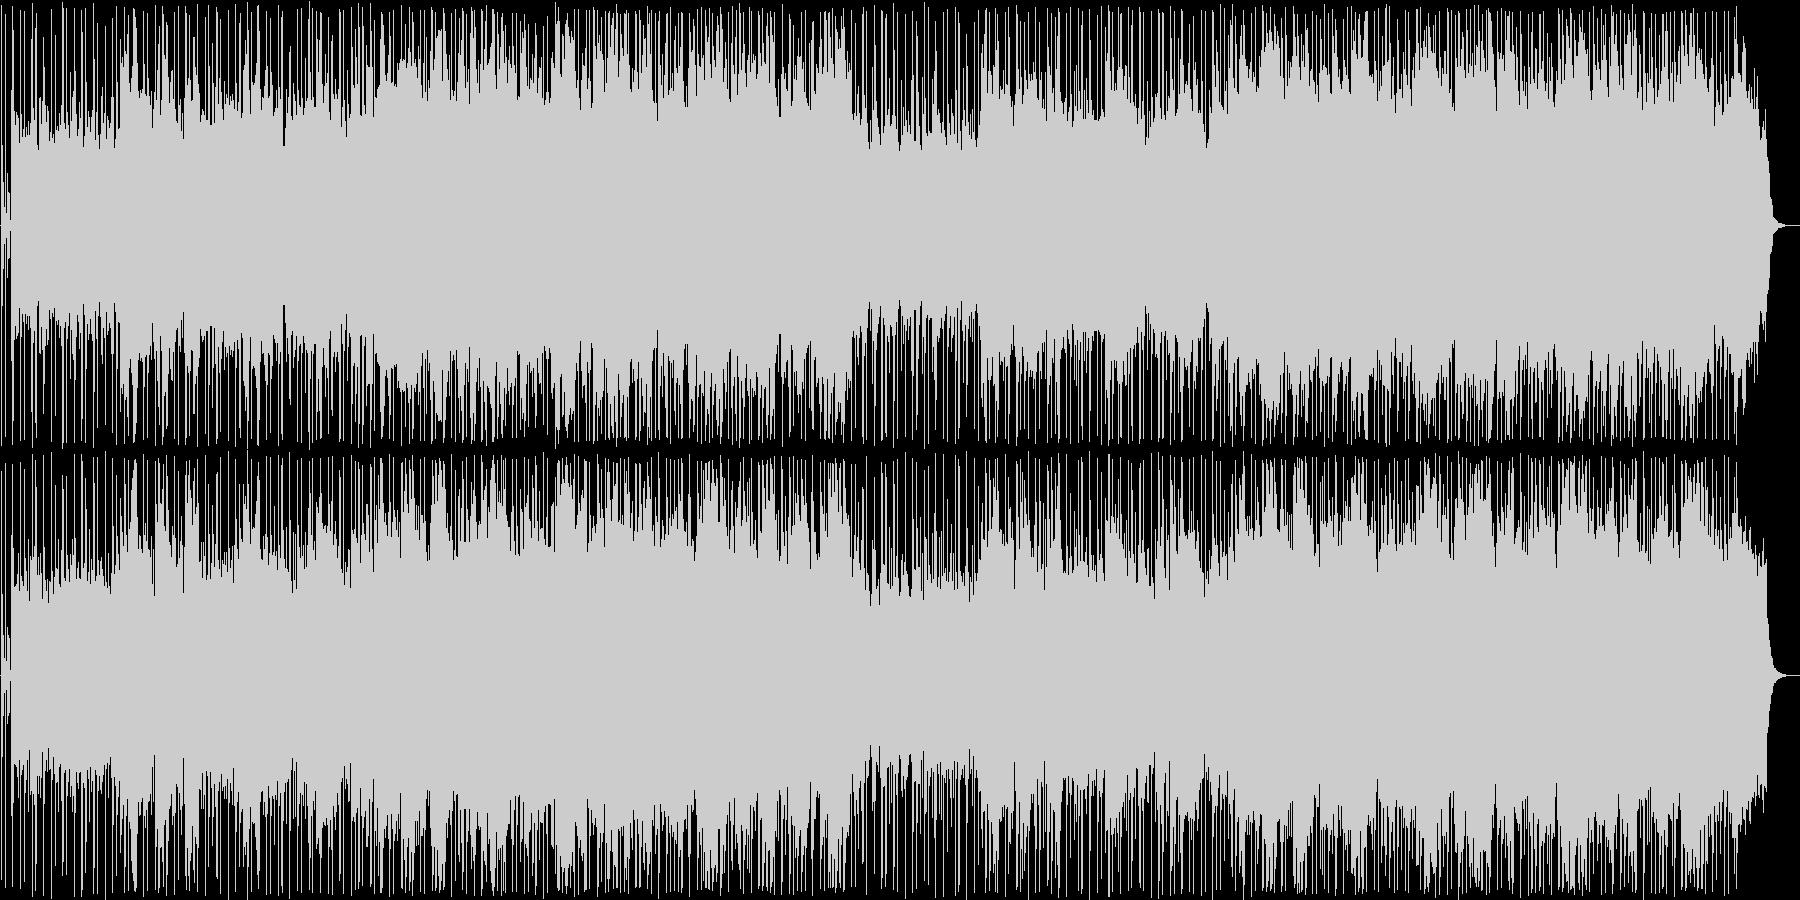 晴れやかなシンセサイザーサウンドの未再生の波形